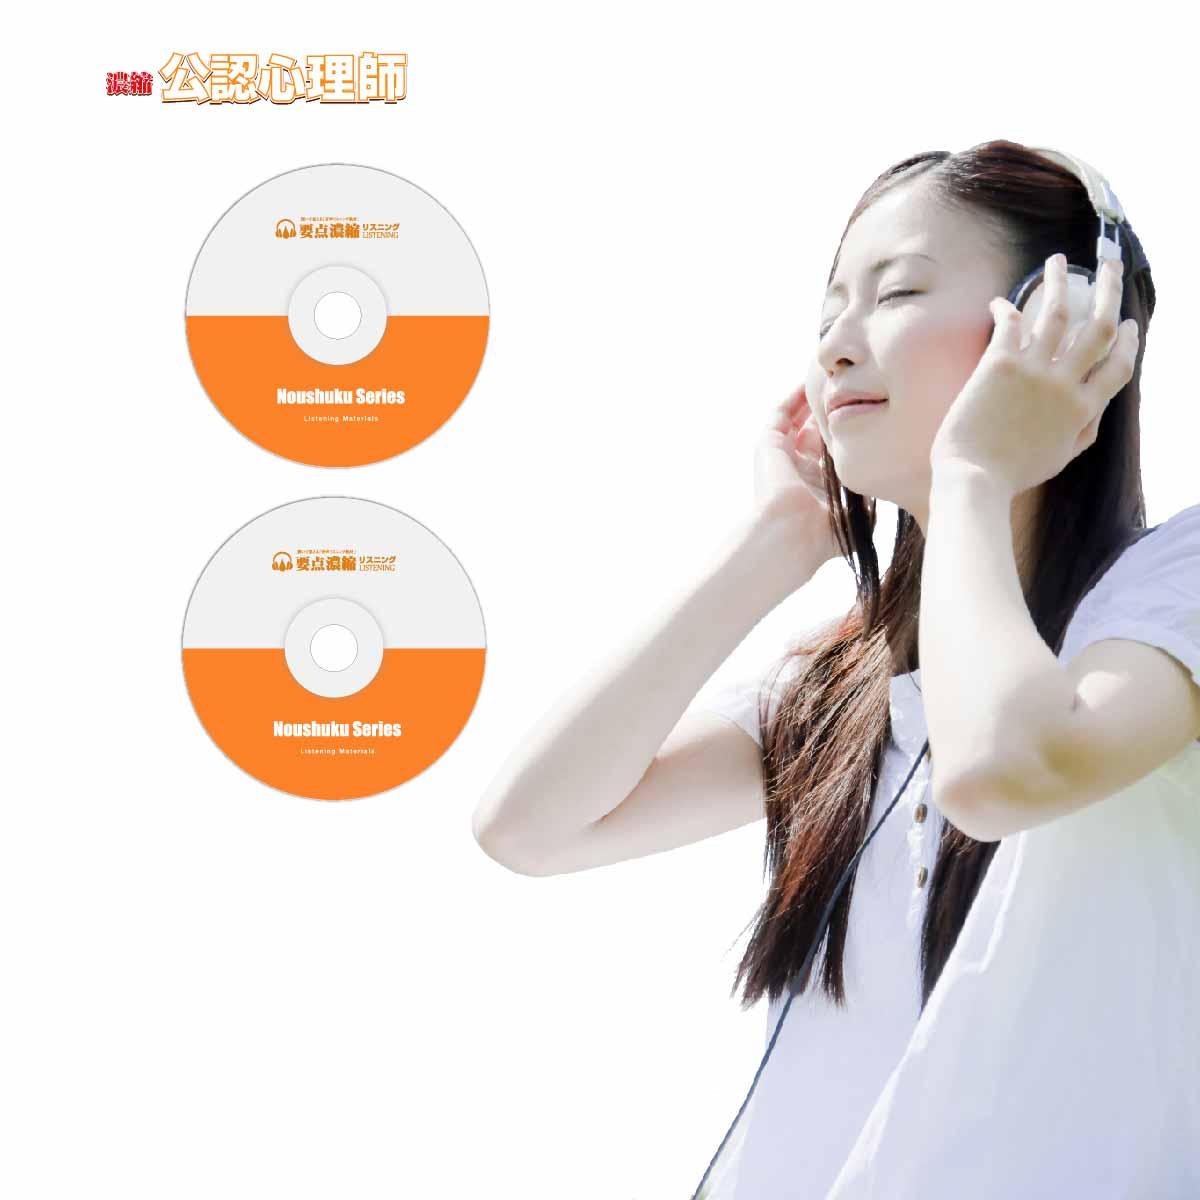 濃縮!公認心理士 リスニングセット(音声CD+テキストデータCD)